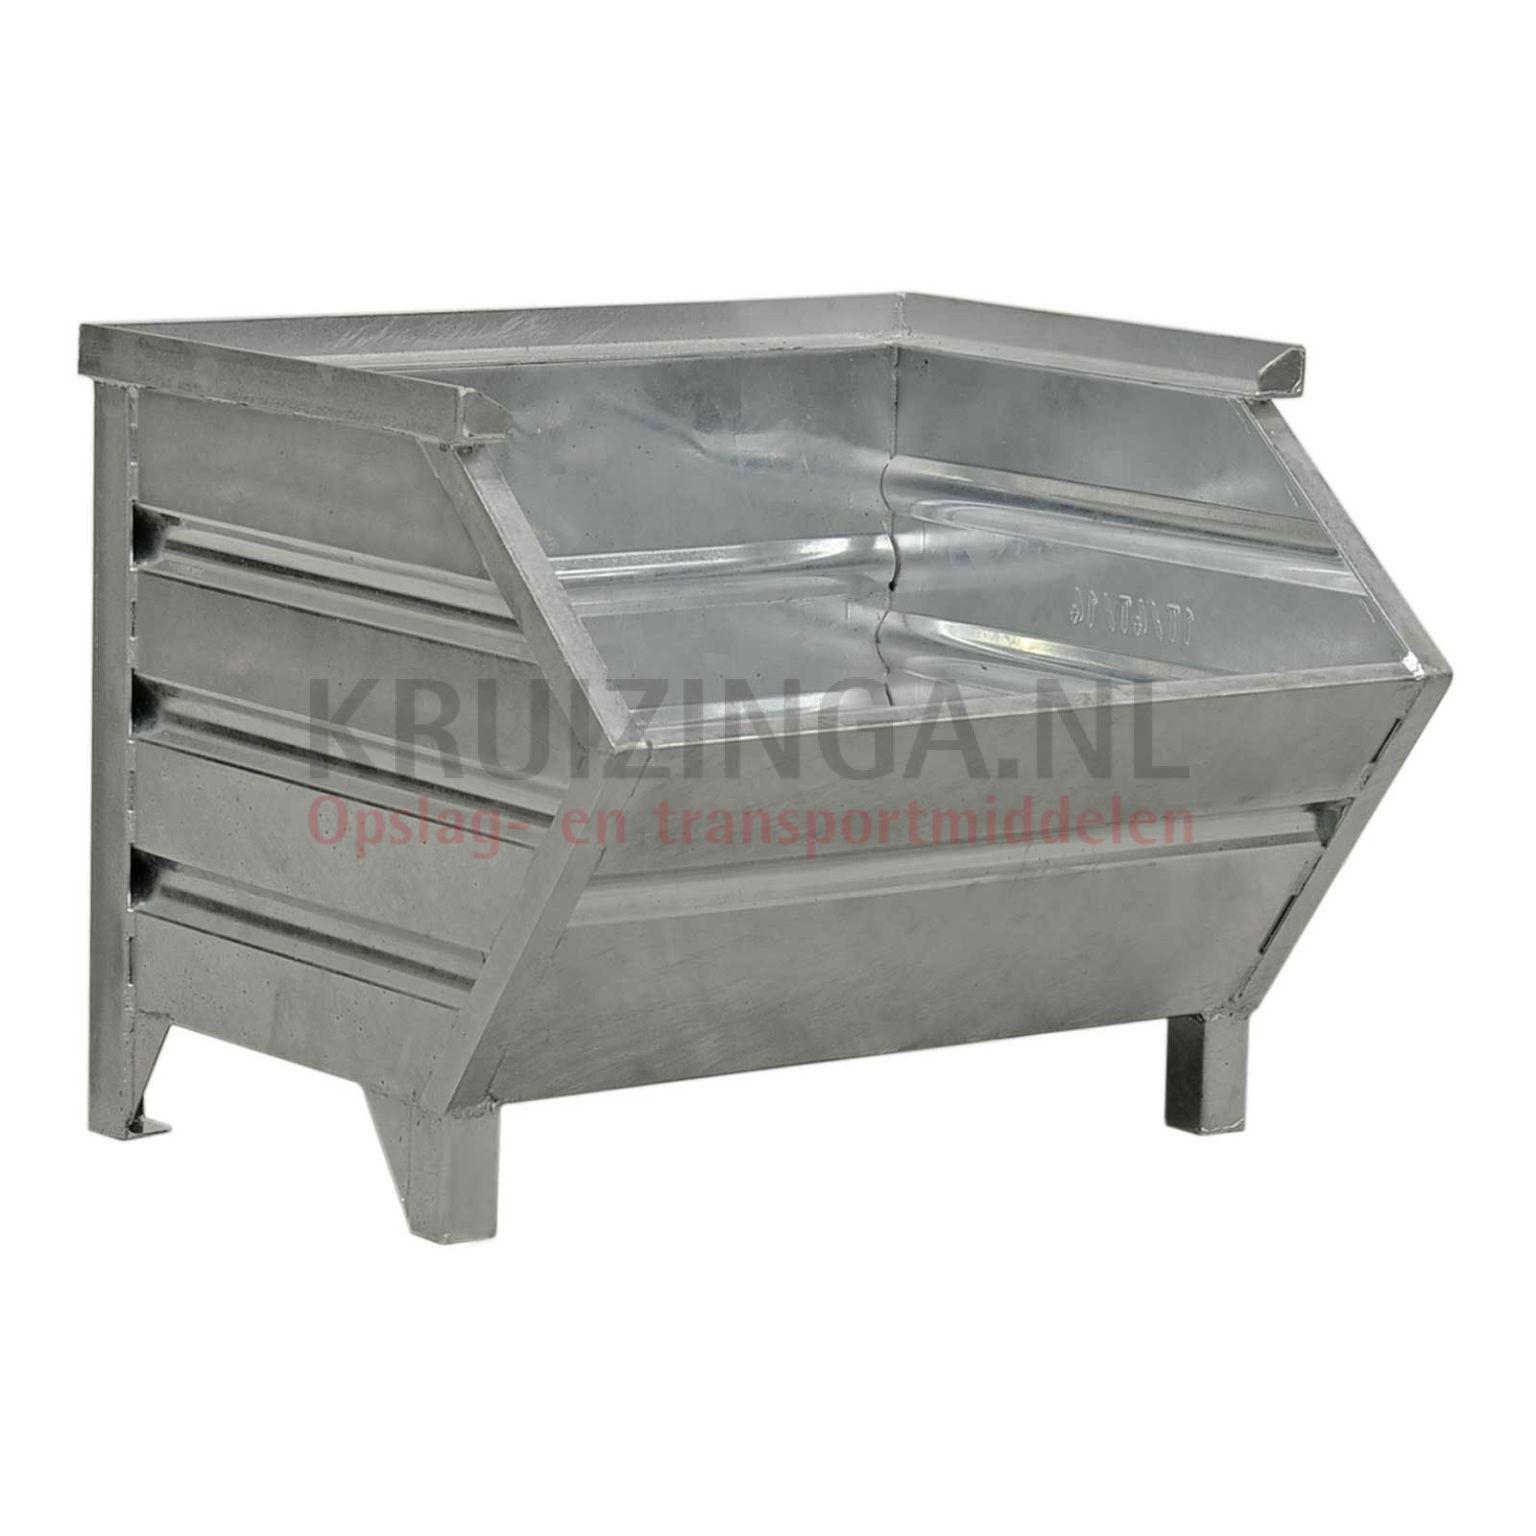 bac de rangement acier construction robuste bac empilable poign e inclin partir de 163 50. Black Bedroom Furniture Sets. Home Design Ideas